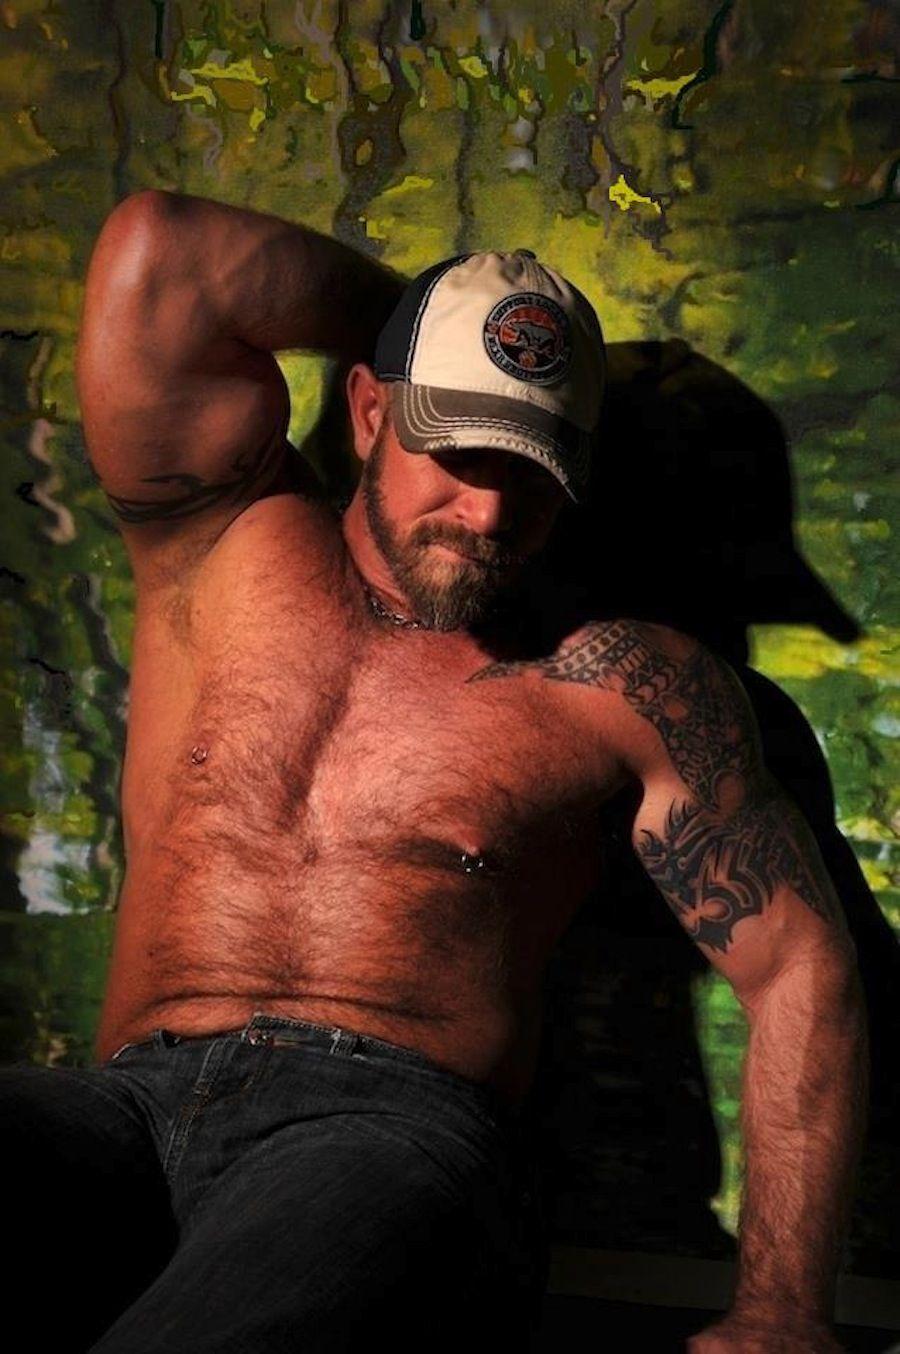 Muscle Woof On Instagram Bears: Hairy Muscle Daddy. Men. Beards. Steel. Woof!